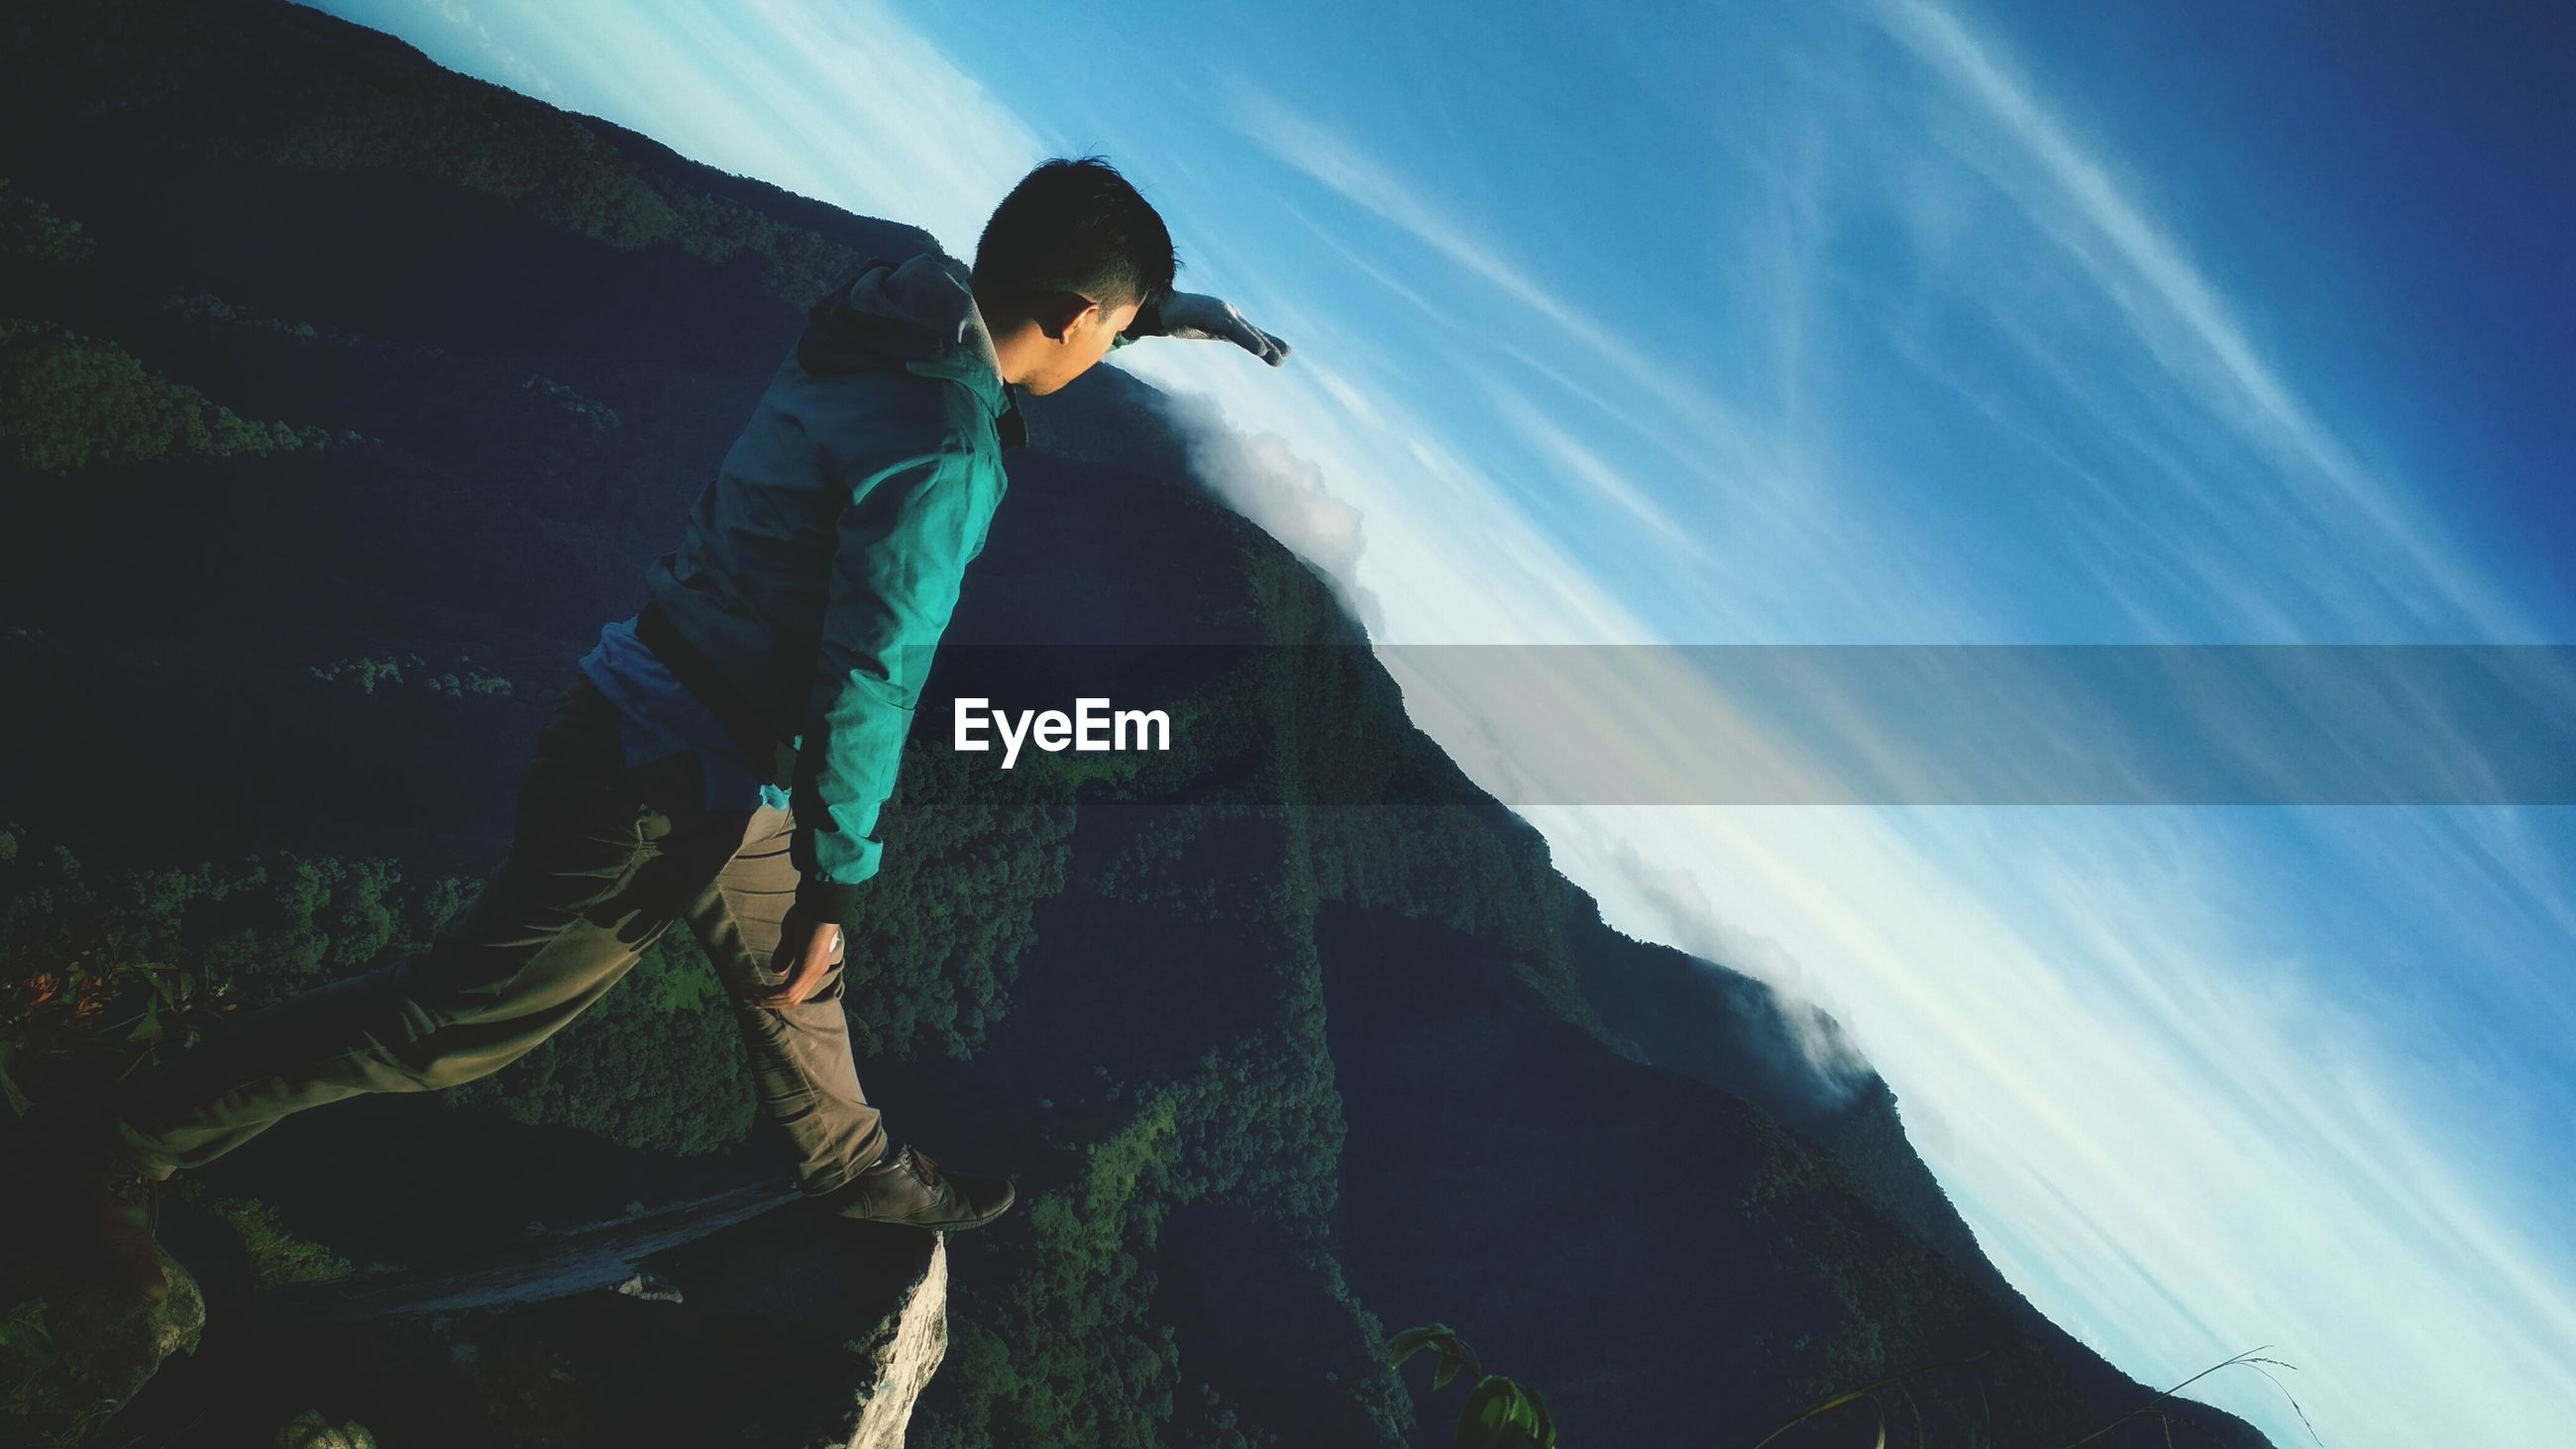 Tilt shot of man on mountain against blue sky